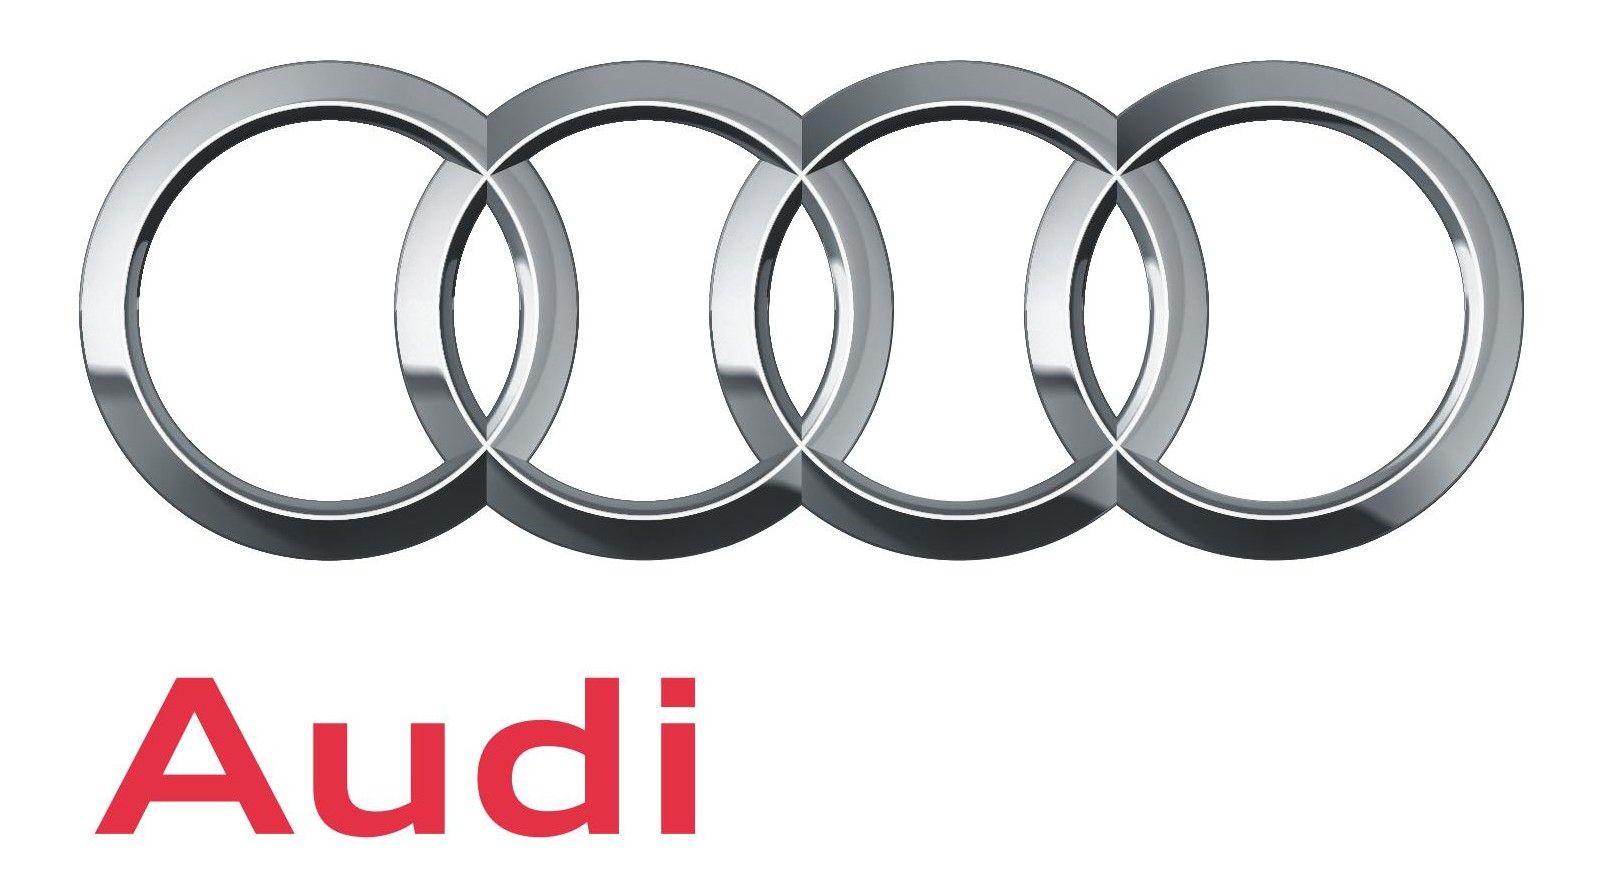 Design of a car pdf - Audi Logo Eps Pdf